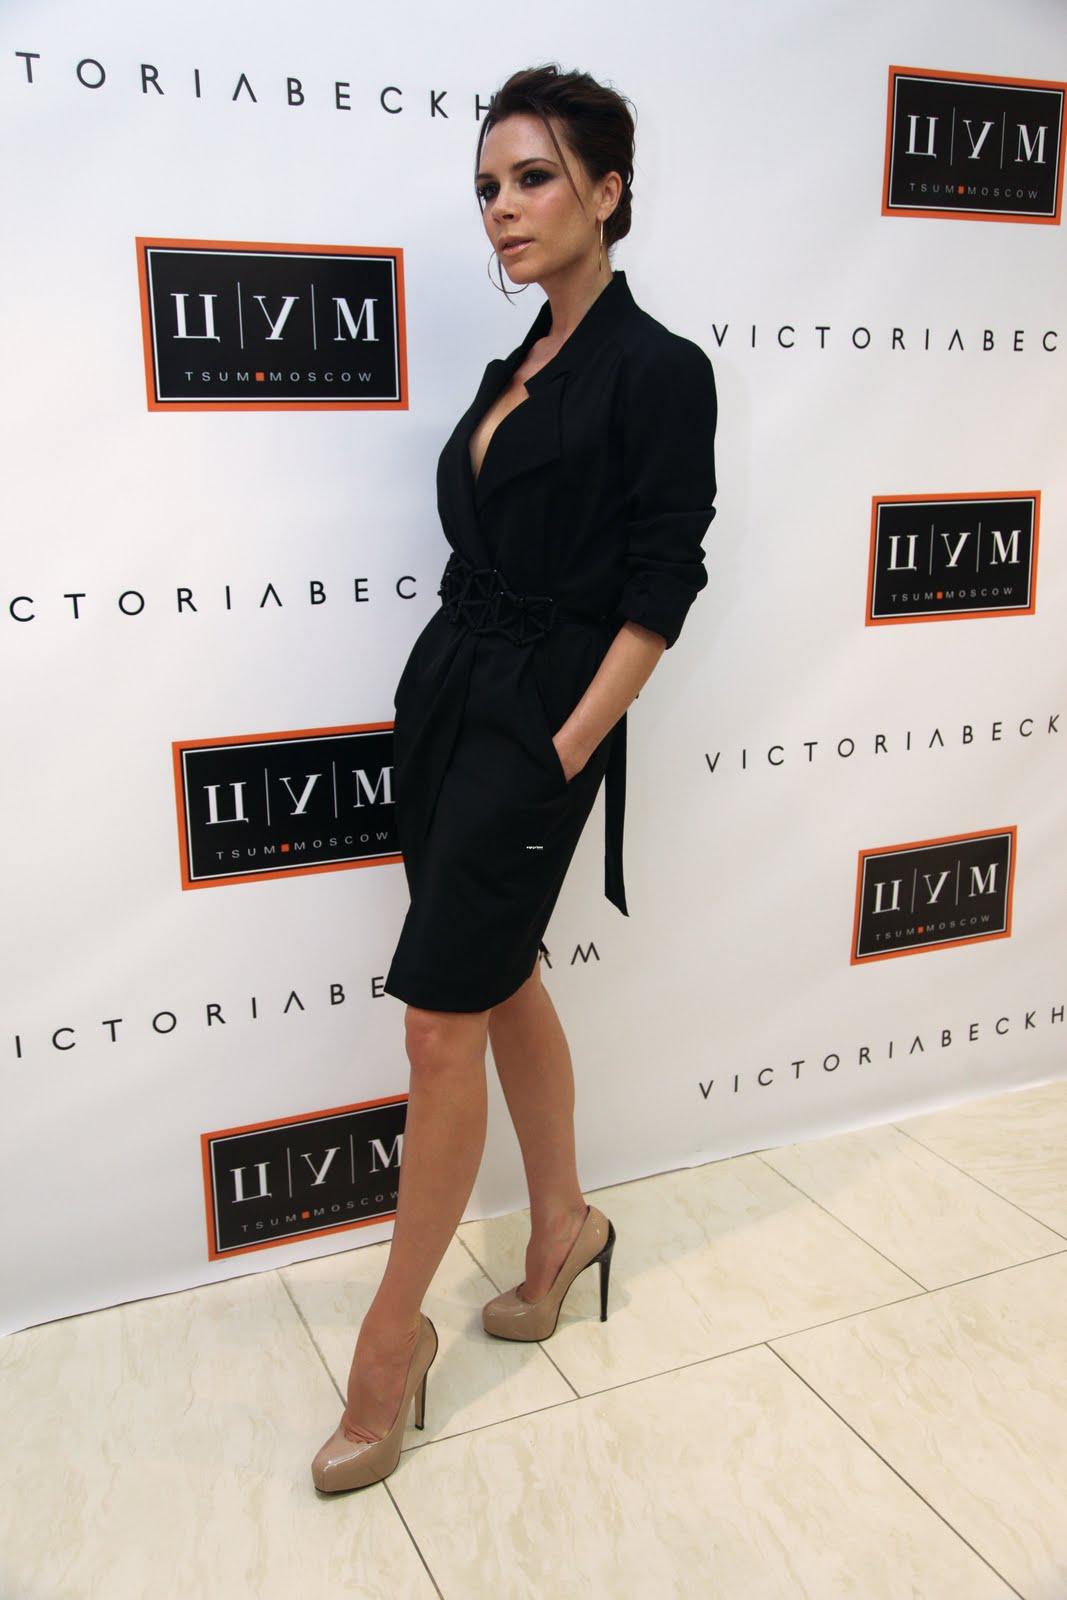 http://1.bp.blogspot.com/_6A8j2EQmANk/S8RNDVt9UCI/AAAAAAAAA4Q/RWK5HC7cw5k/s1600/Victoria+Beckham2.jpg